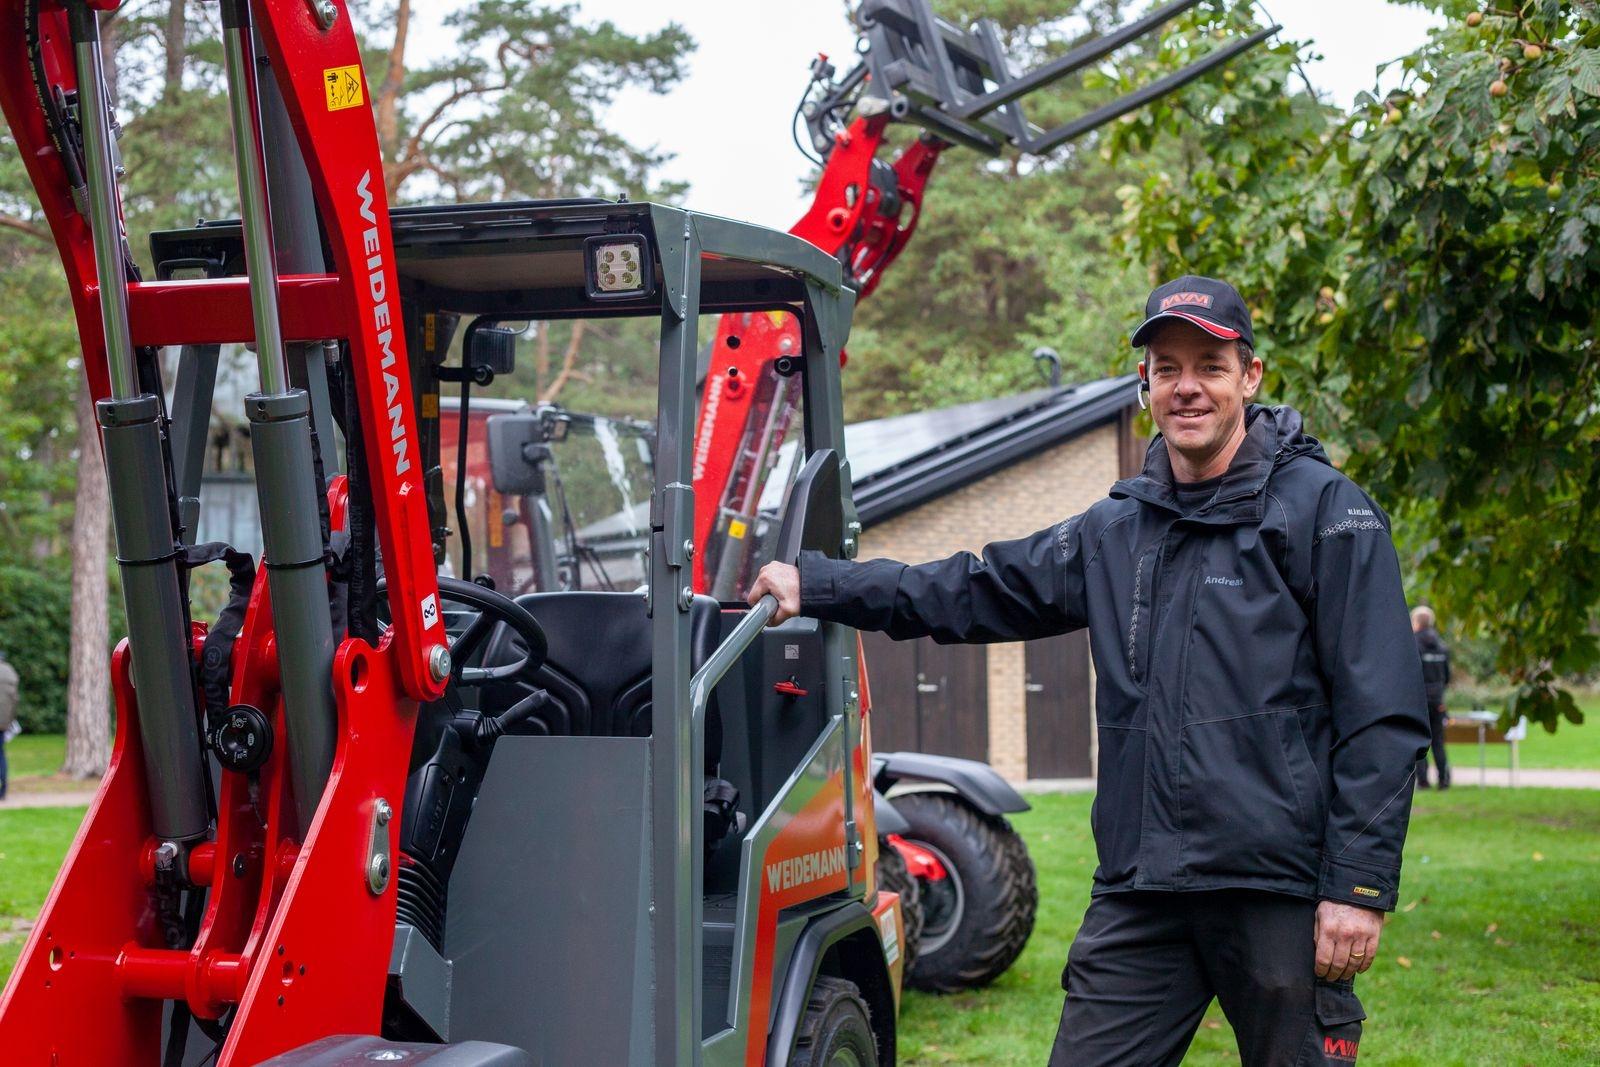 Andreas Nilsson på Markvårdsmaskiner syd åkte ända från Karlshamn för att visa upp små men kraftfulla maskiner som lämpar sig bra på kyrkogårdar. Han menar att mässor är viktigt för branschen. – Vi blev glada att vi blev inbjudna, vi packade ihop alla maskiner och körde upp. Det har inte varit några mässor på två år och det är viktigt för att knyta kontakter och visa upp maskinerna.